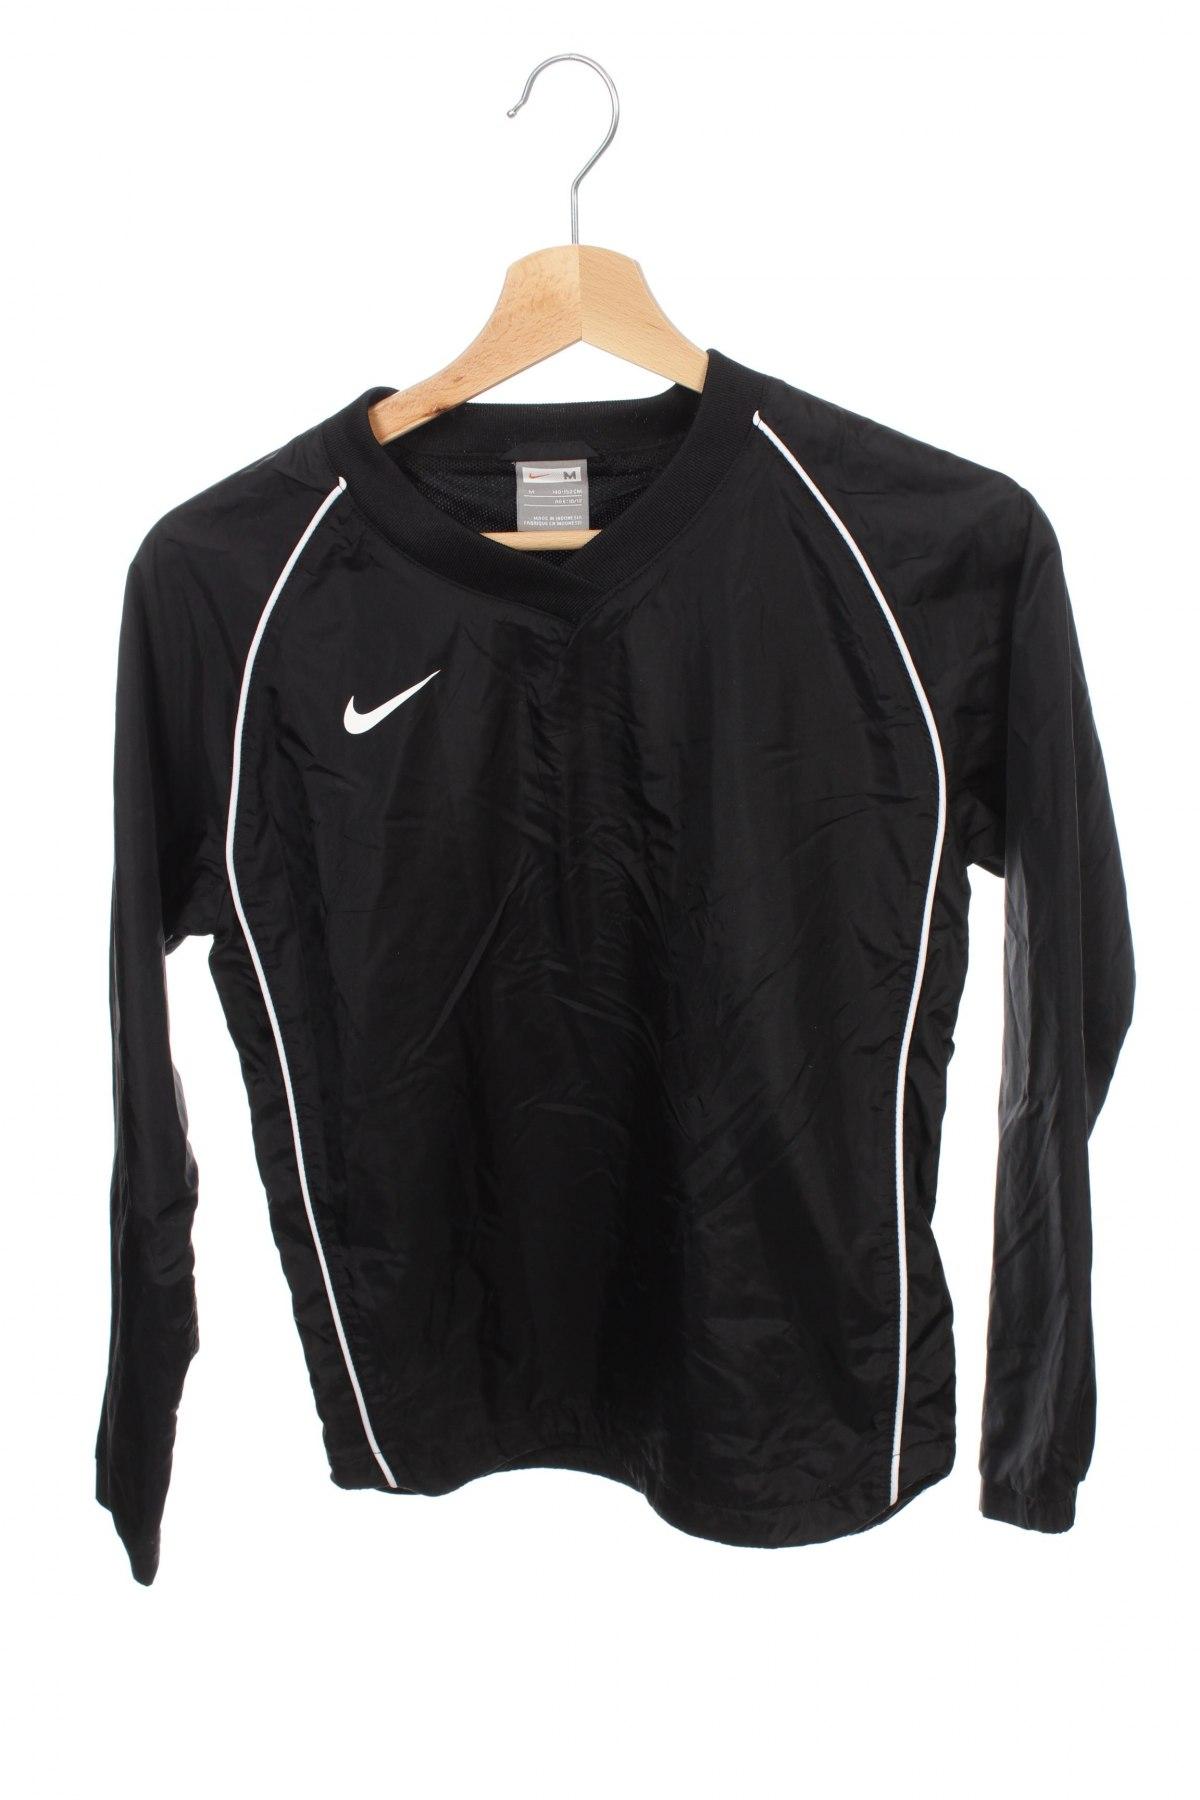 dla całej rodziny autentyczna jakość Nowe zdjęcia Dziecięca sportowa bluza Nike